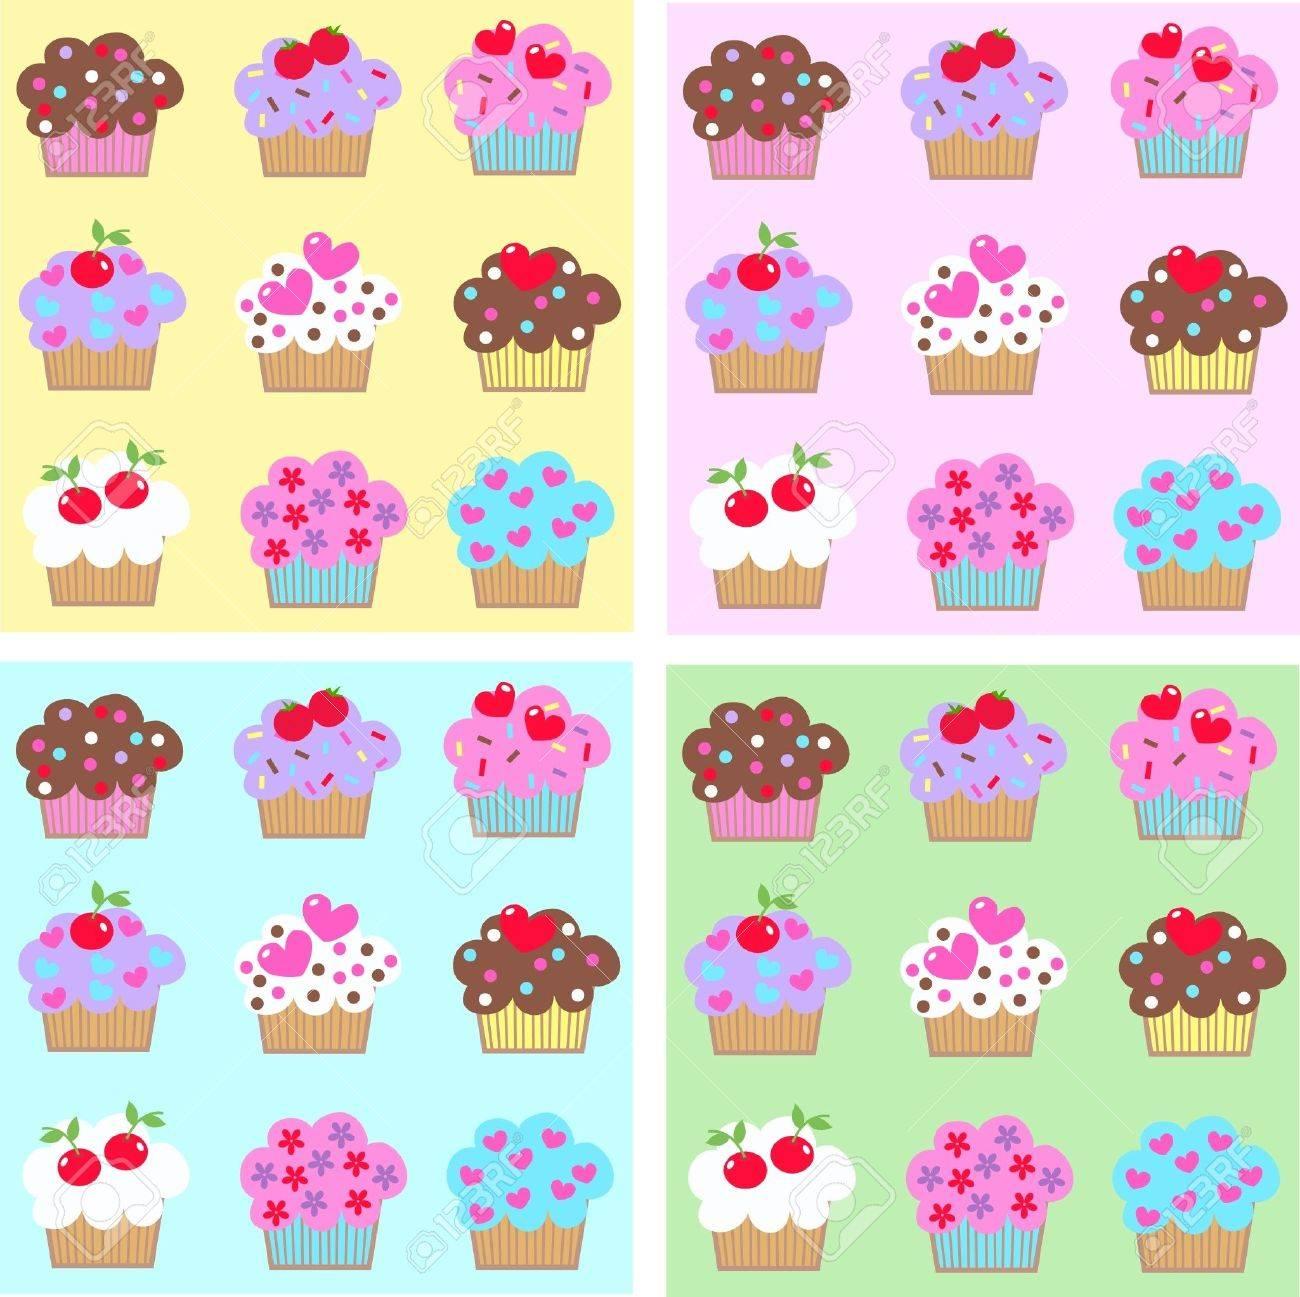 cupcakes Stock Vector - 10306869